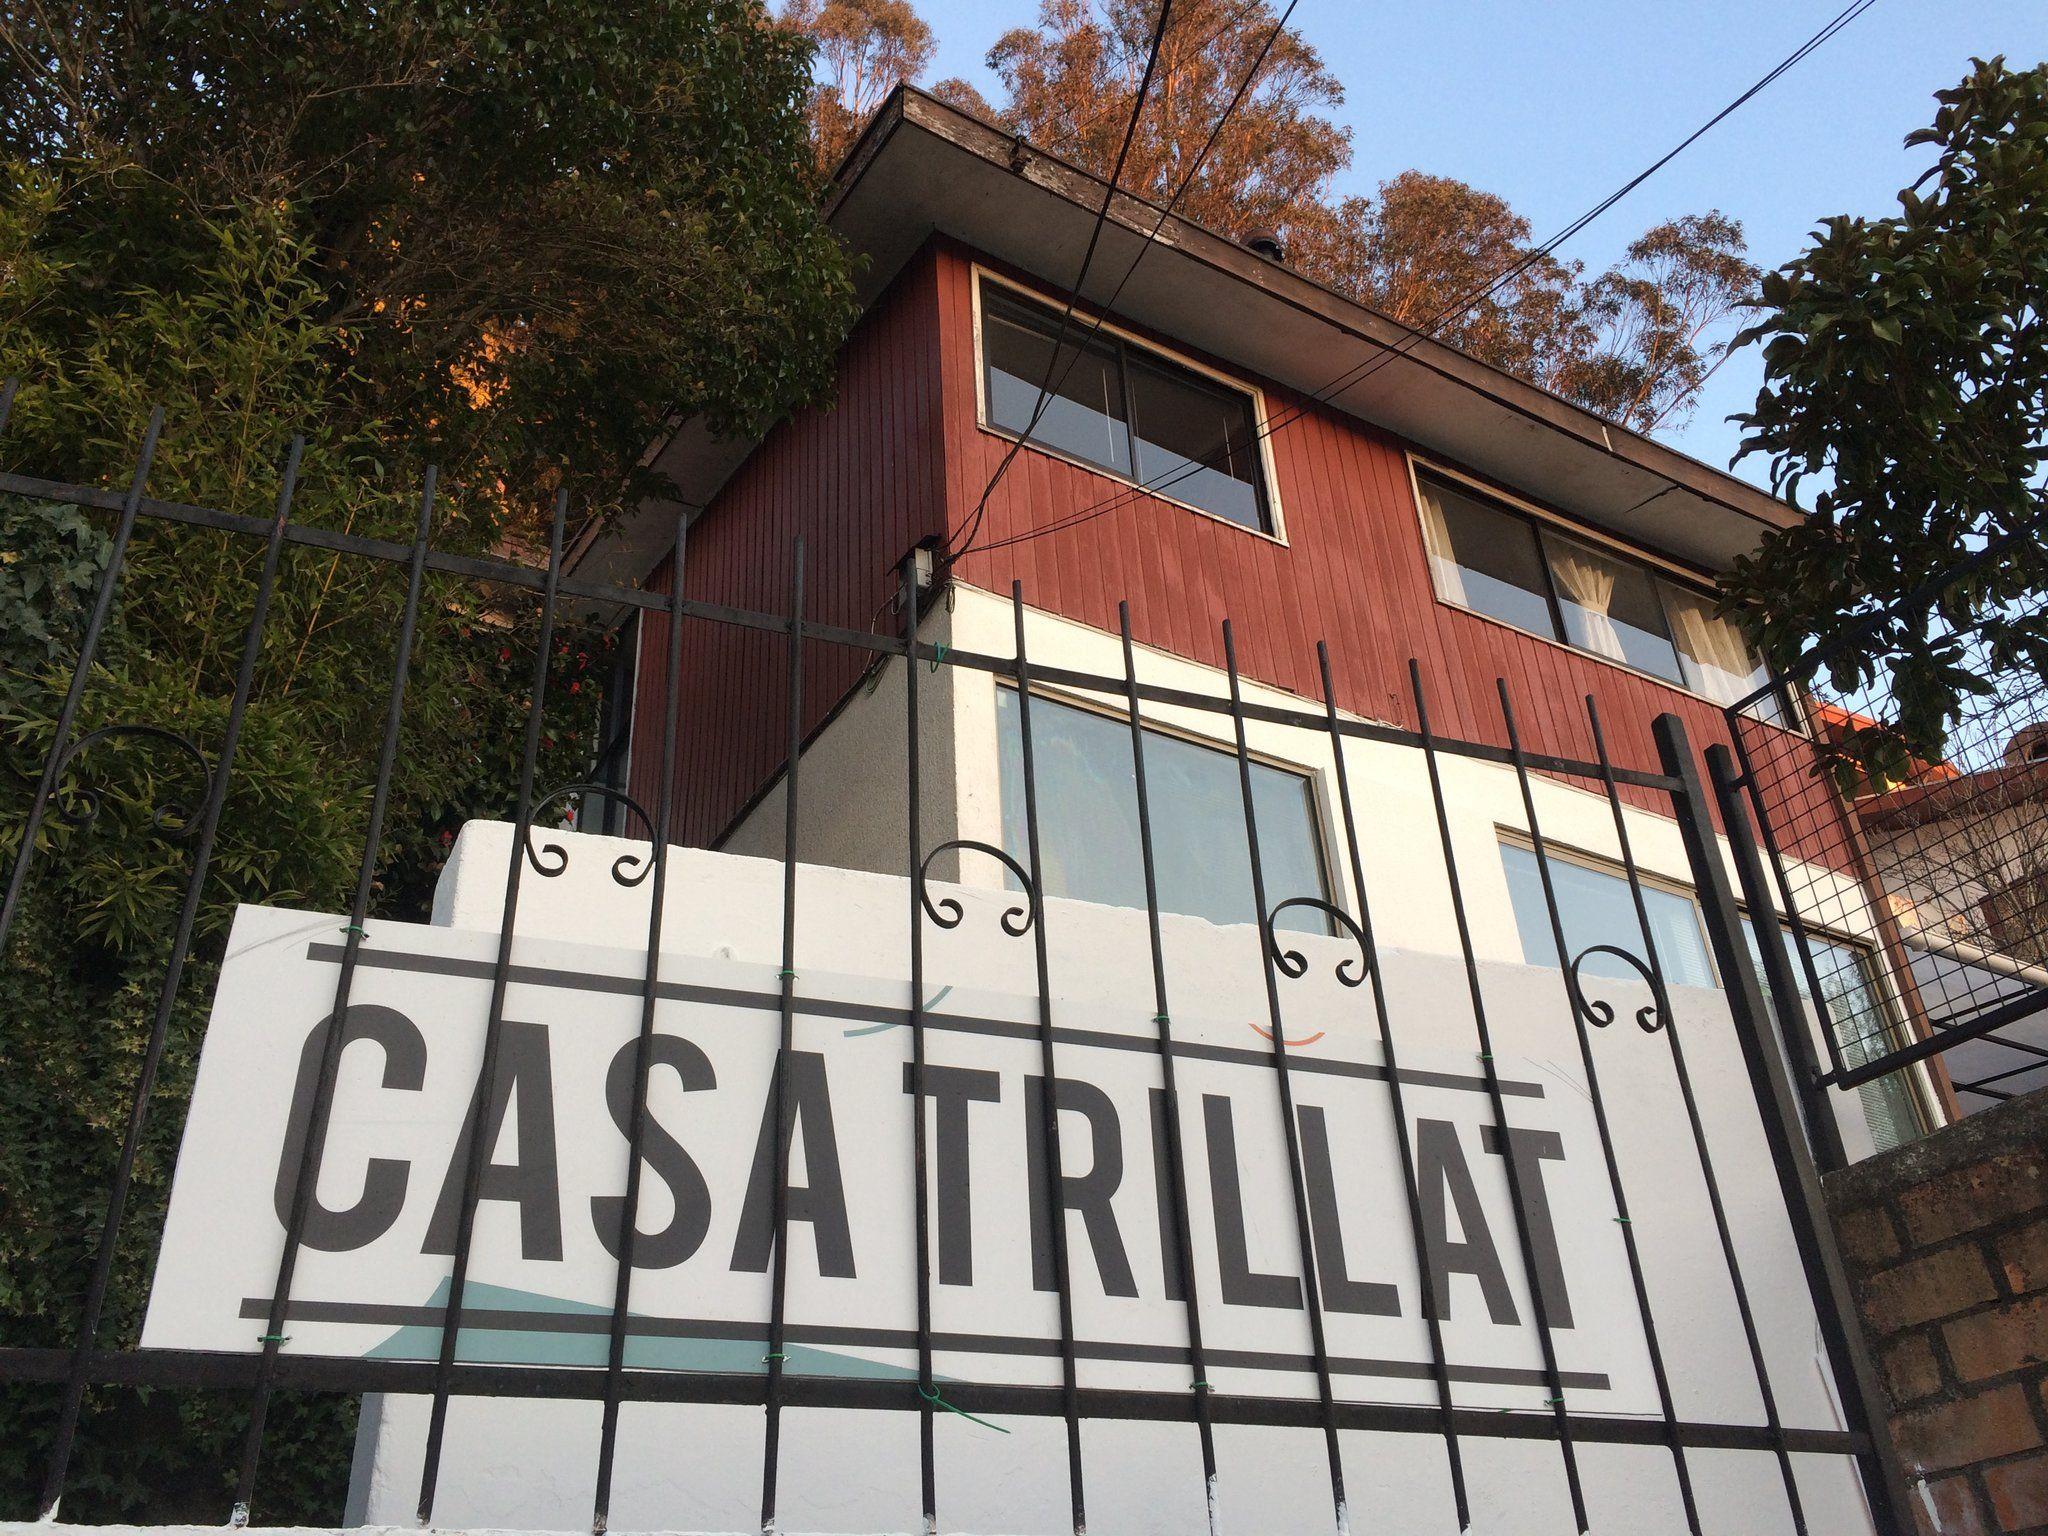 Casa Trillat